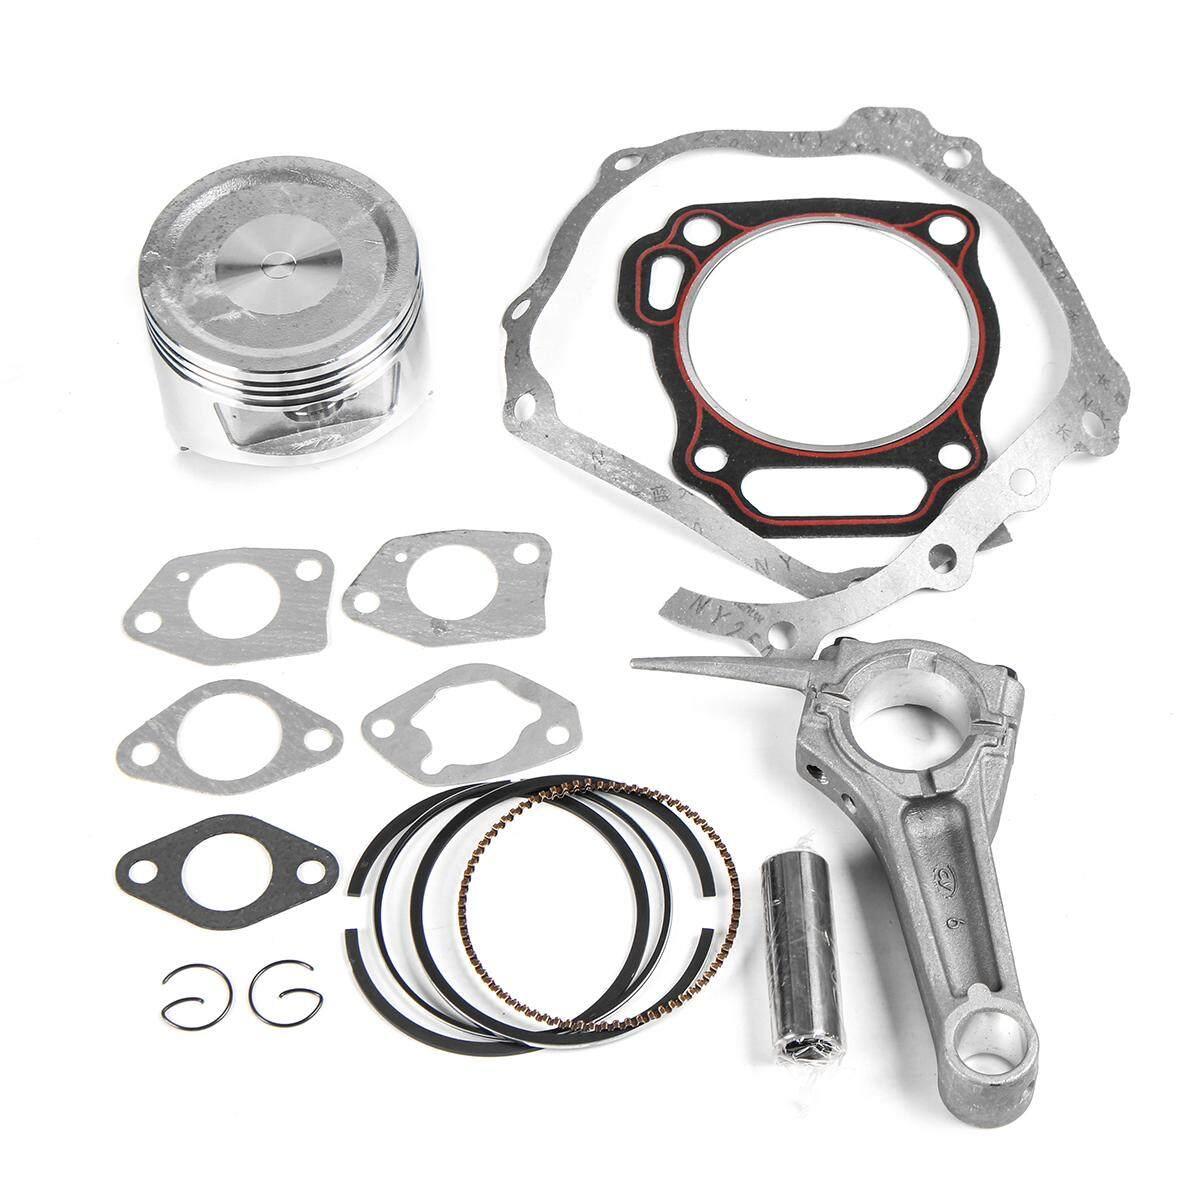 Jual Piston Mesin Potong Murah Garansi Dan Berkualitas Id Store Tekiro Ring Compressor 4 Inch X 90 175 Mm Rp 415000